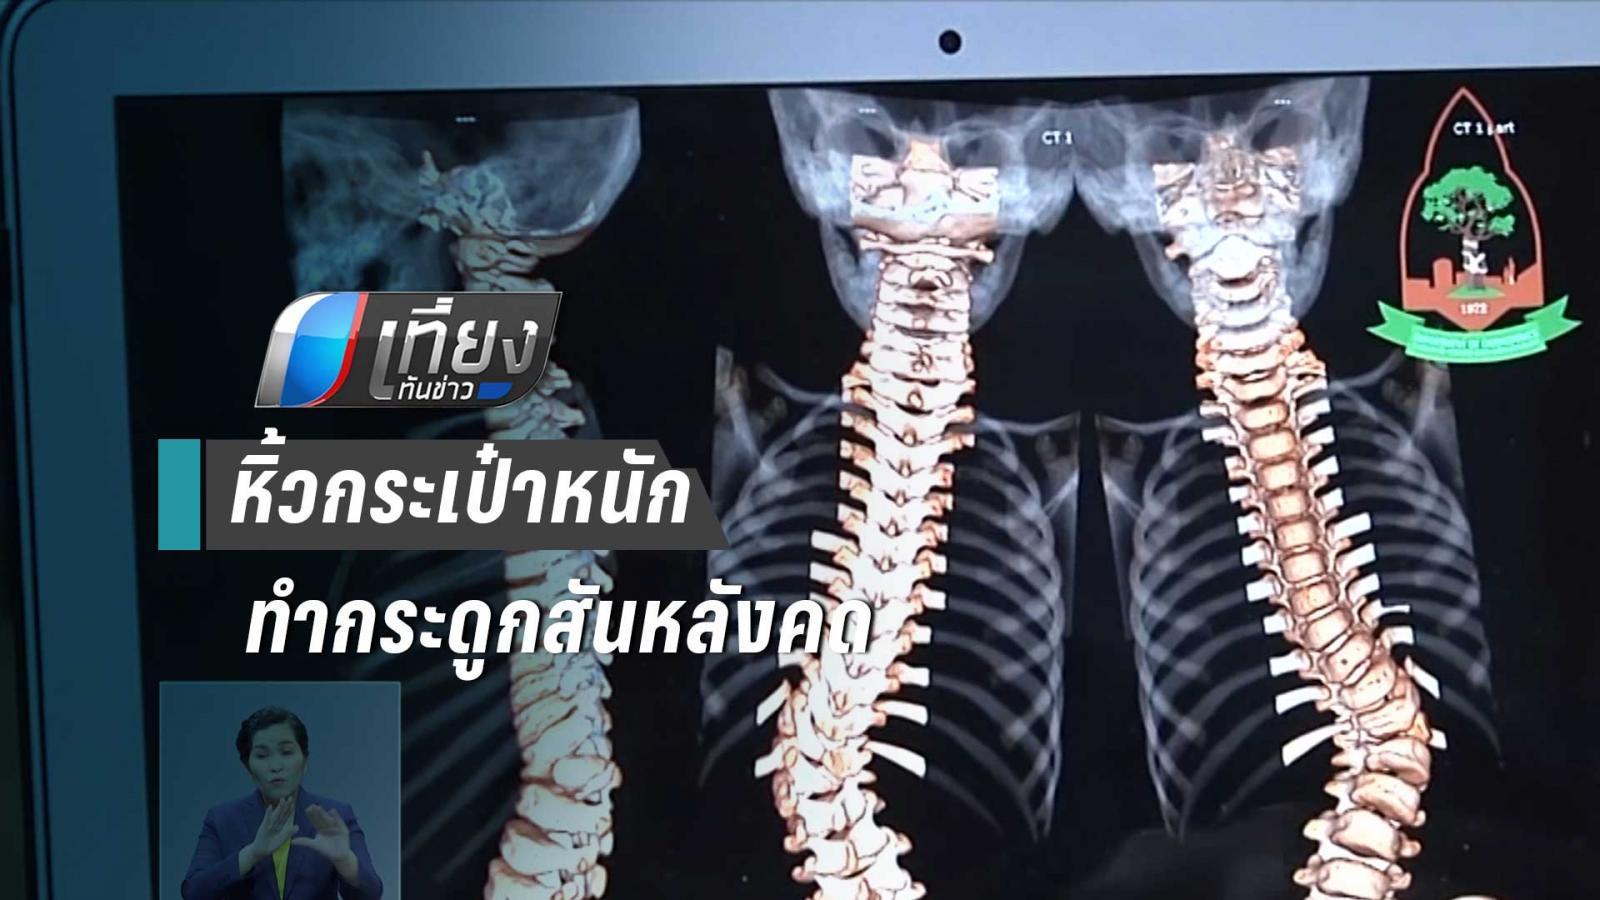 แพทย์ชี้หิ้วกระเป๋าหนักไม่ใช่สาเหตุกระดูกสันหลังคด